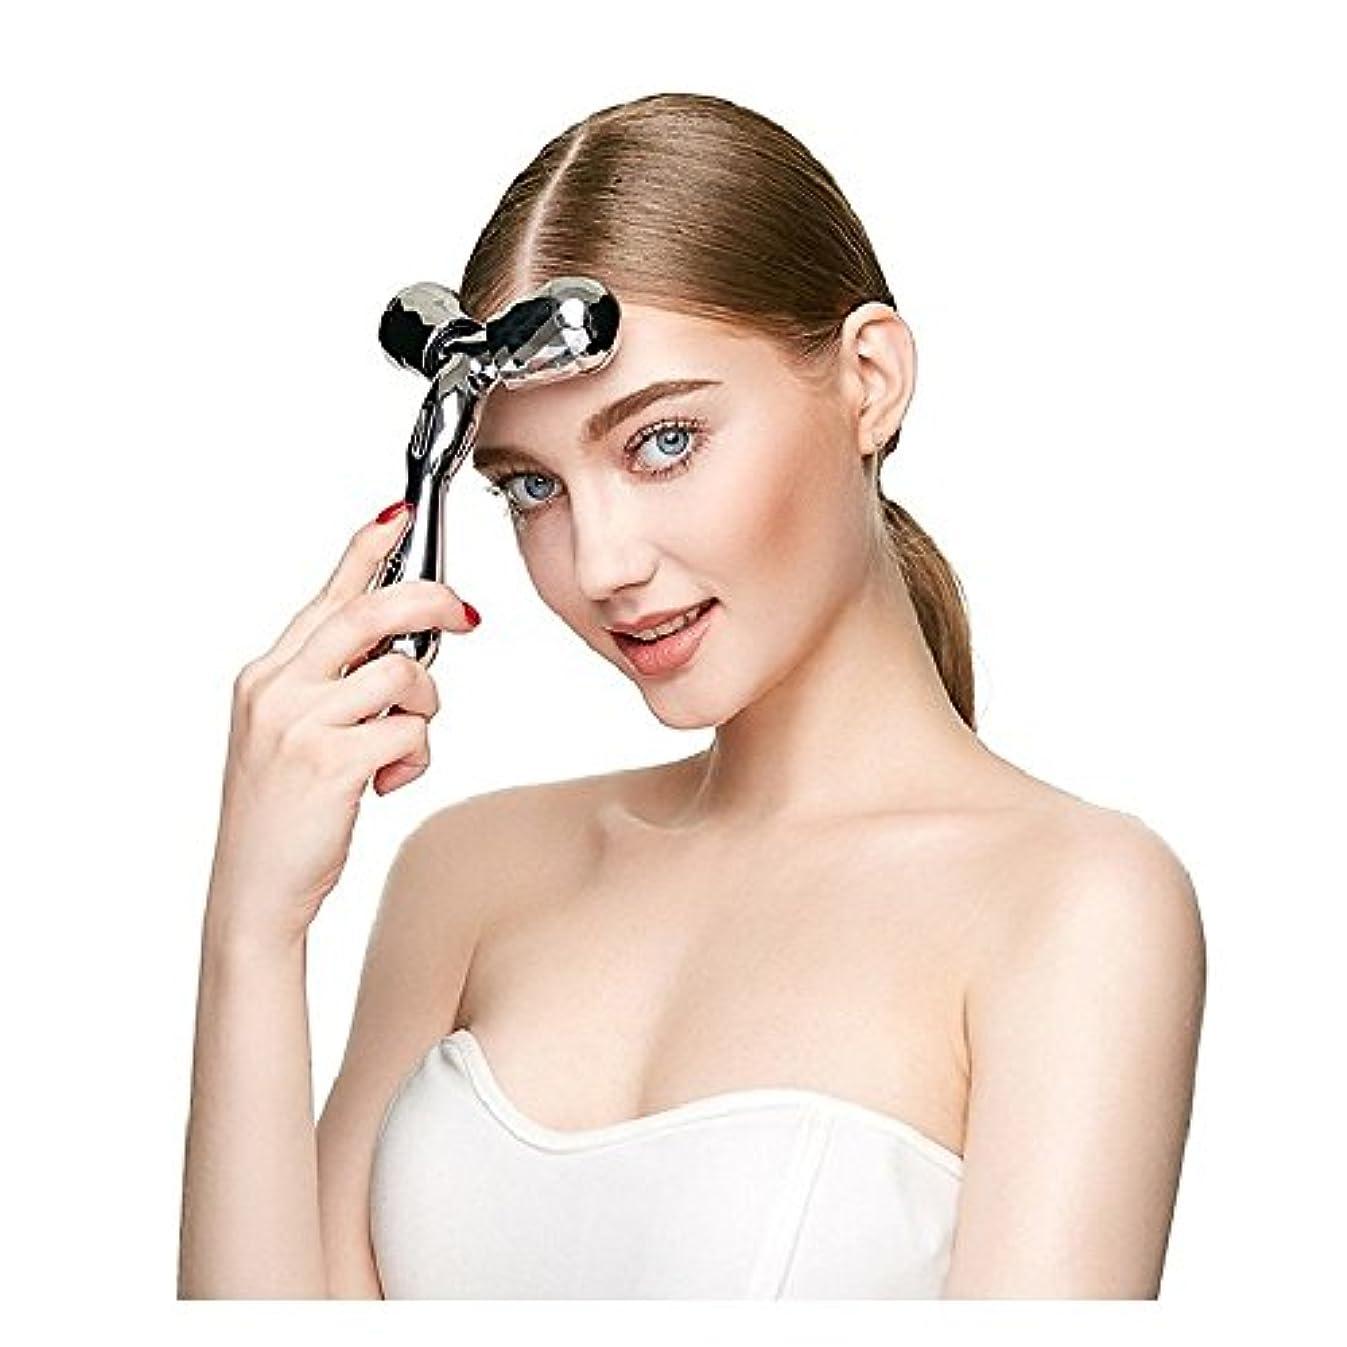 普遍的な叫び声進行中3 Dボディマッサージ器マイクロフェイス薄い顔マッサージローラー